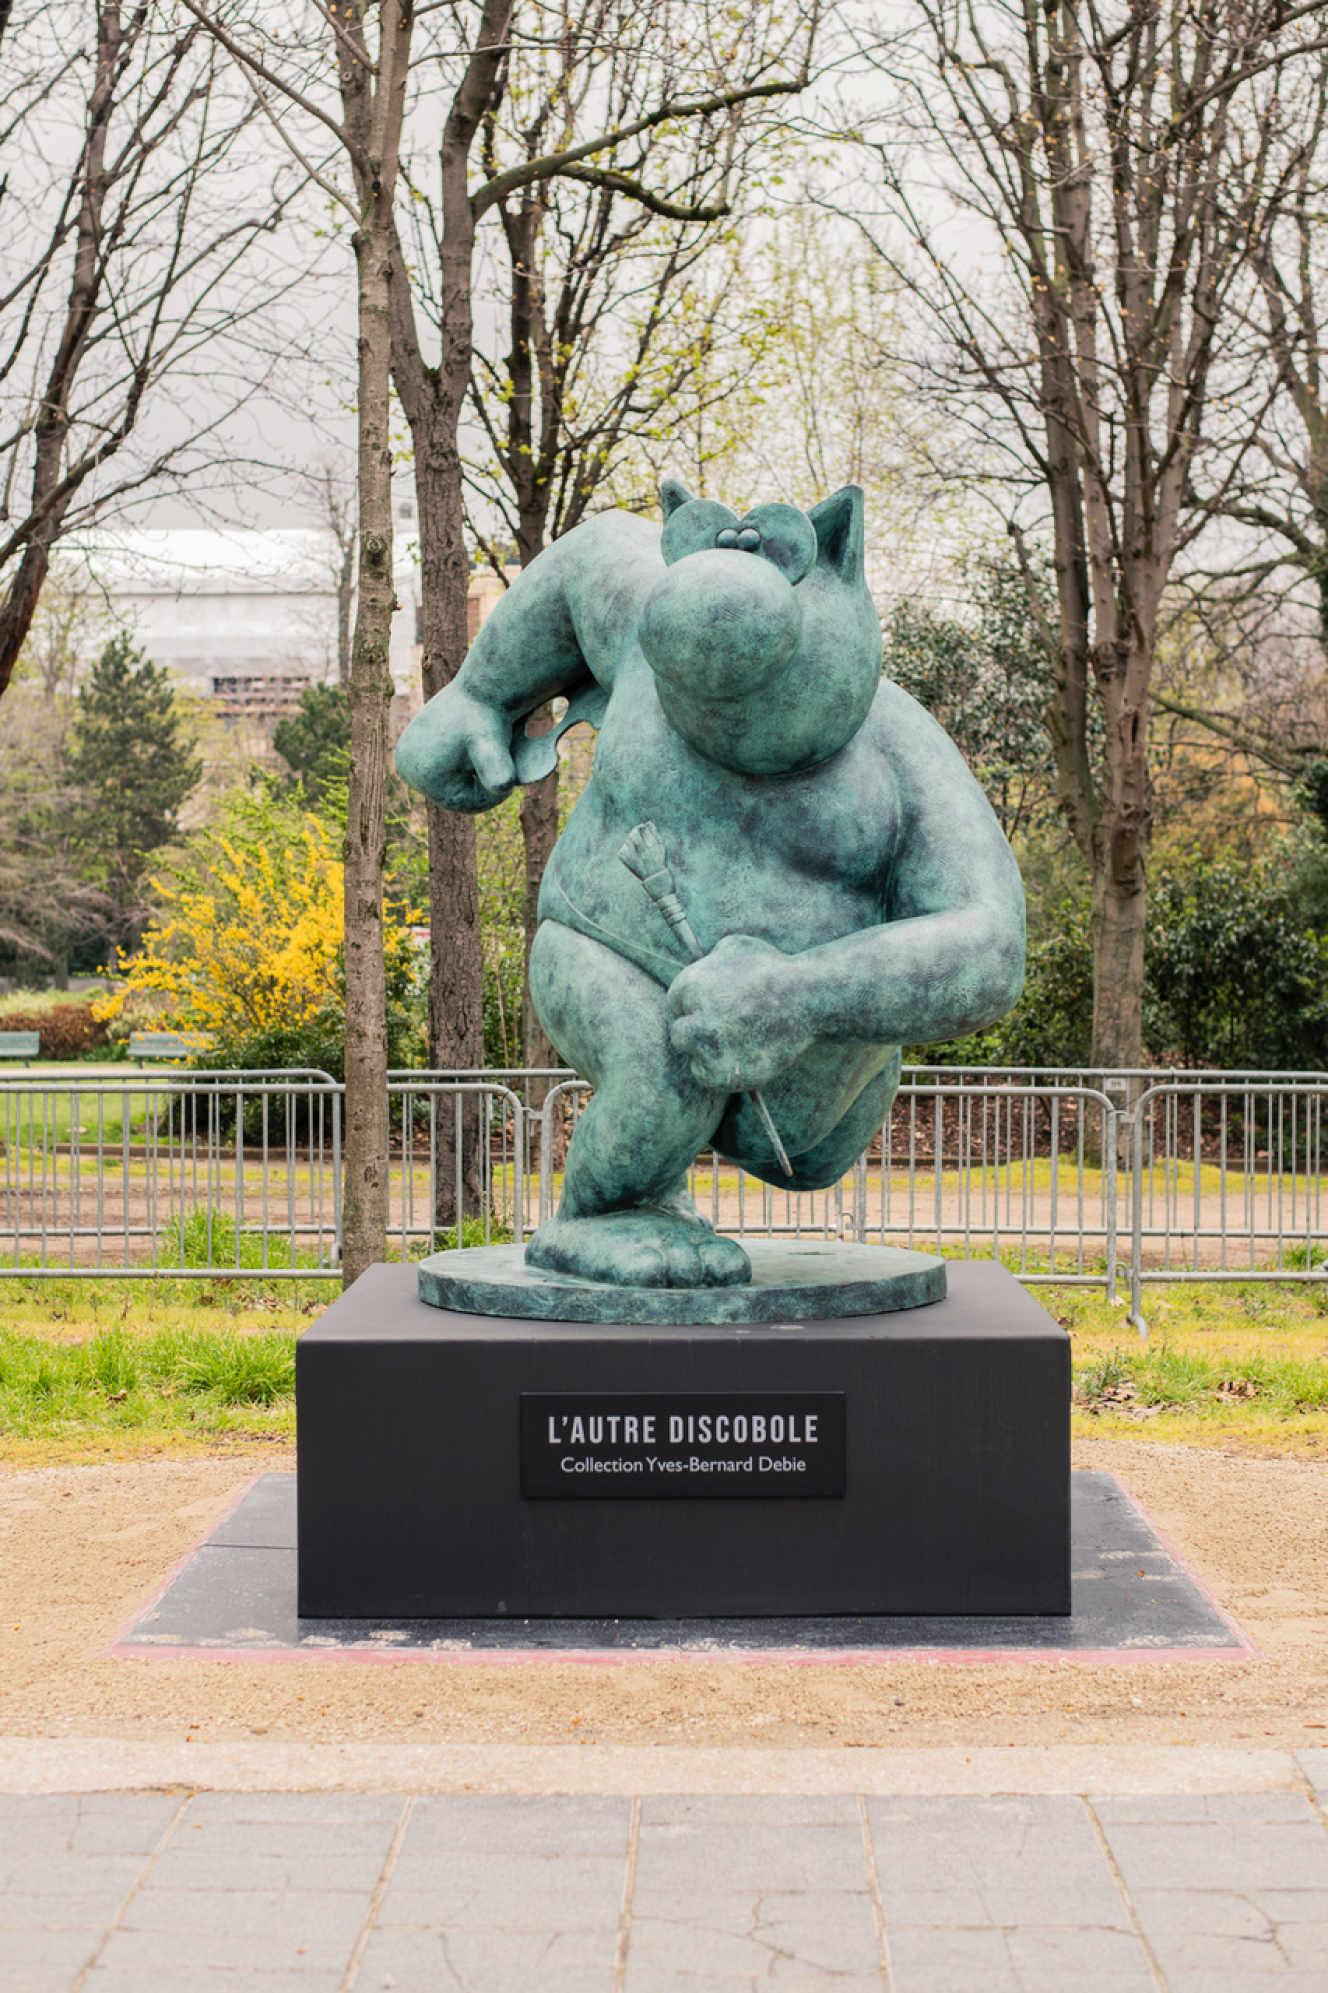 Vue de l'exposition « Le Chat déambule » de Philippe Geluck, Champs-Elysées, Paris, 2021.